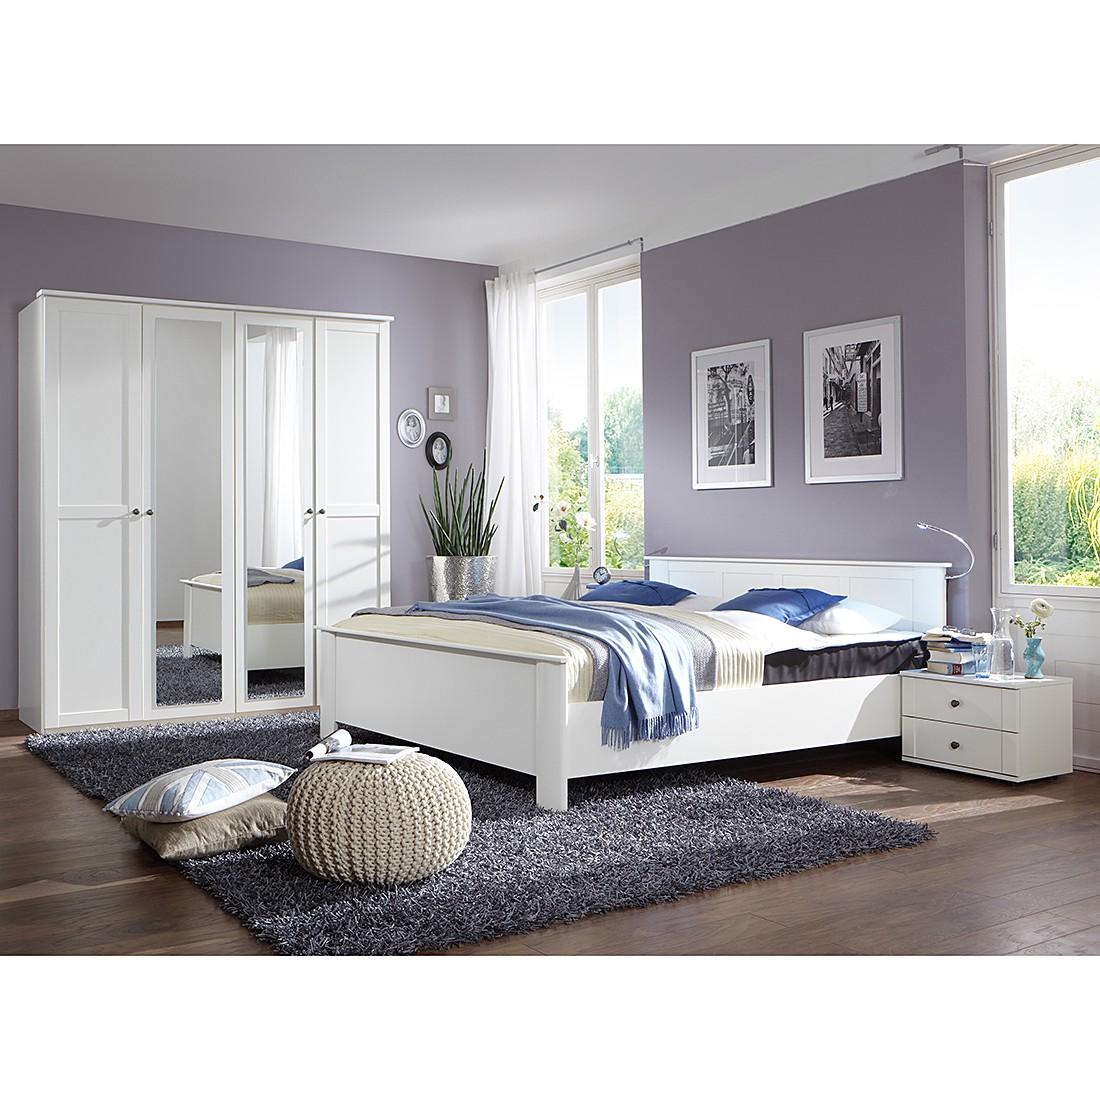 Schlafzimmerset Lundu - Klein Alpinweiß, Wimex günstig bestellen